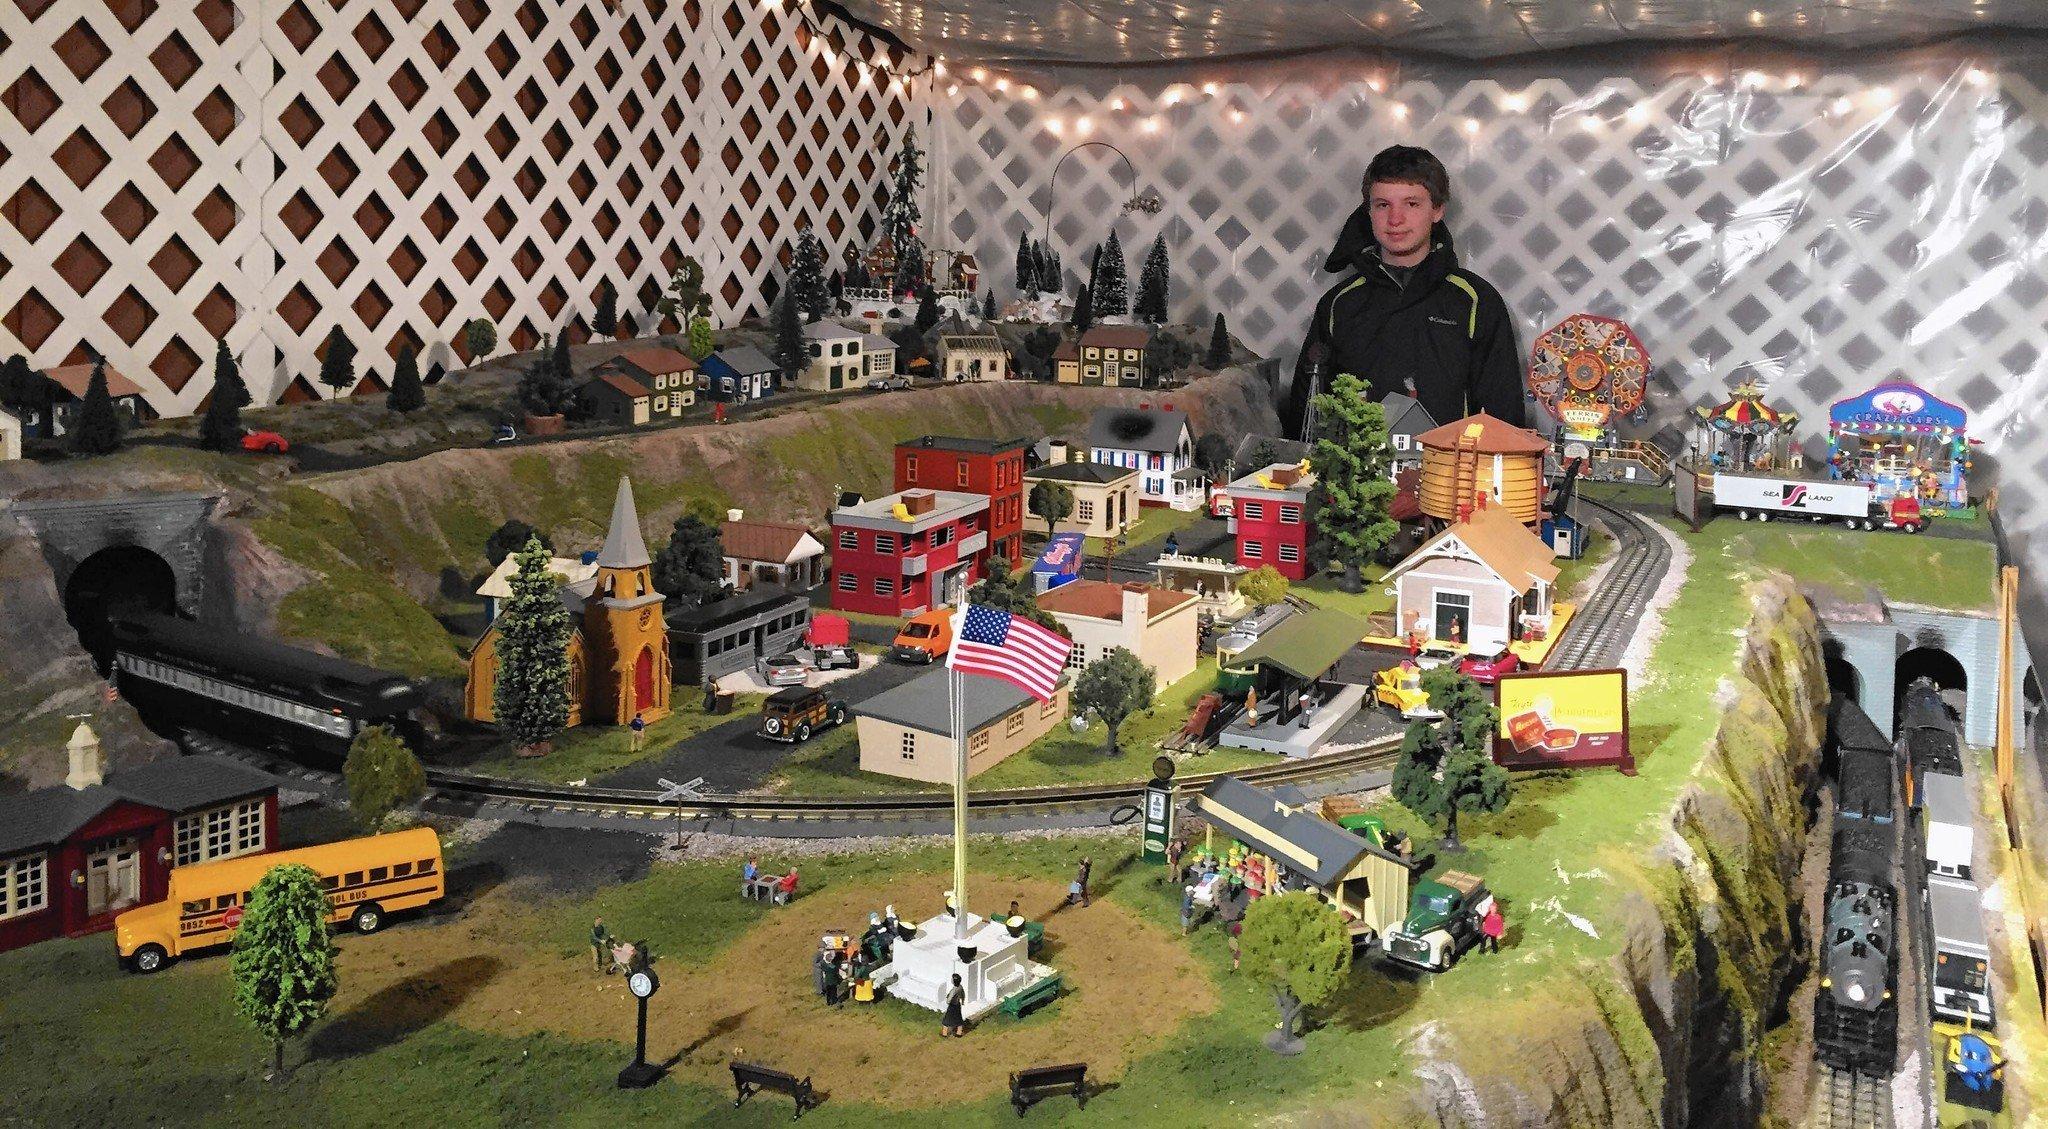 Christmas train gardens whistle and chug all over Harford - Baltimore Sun